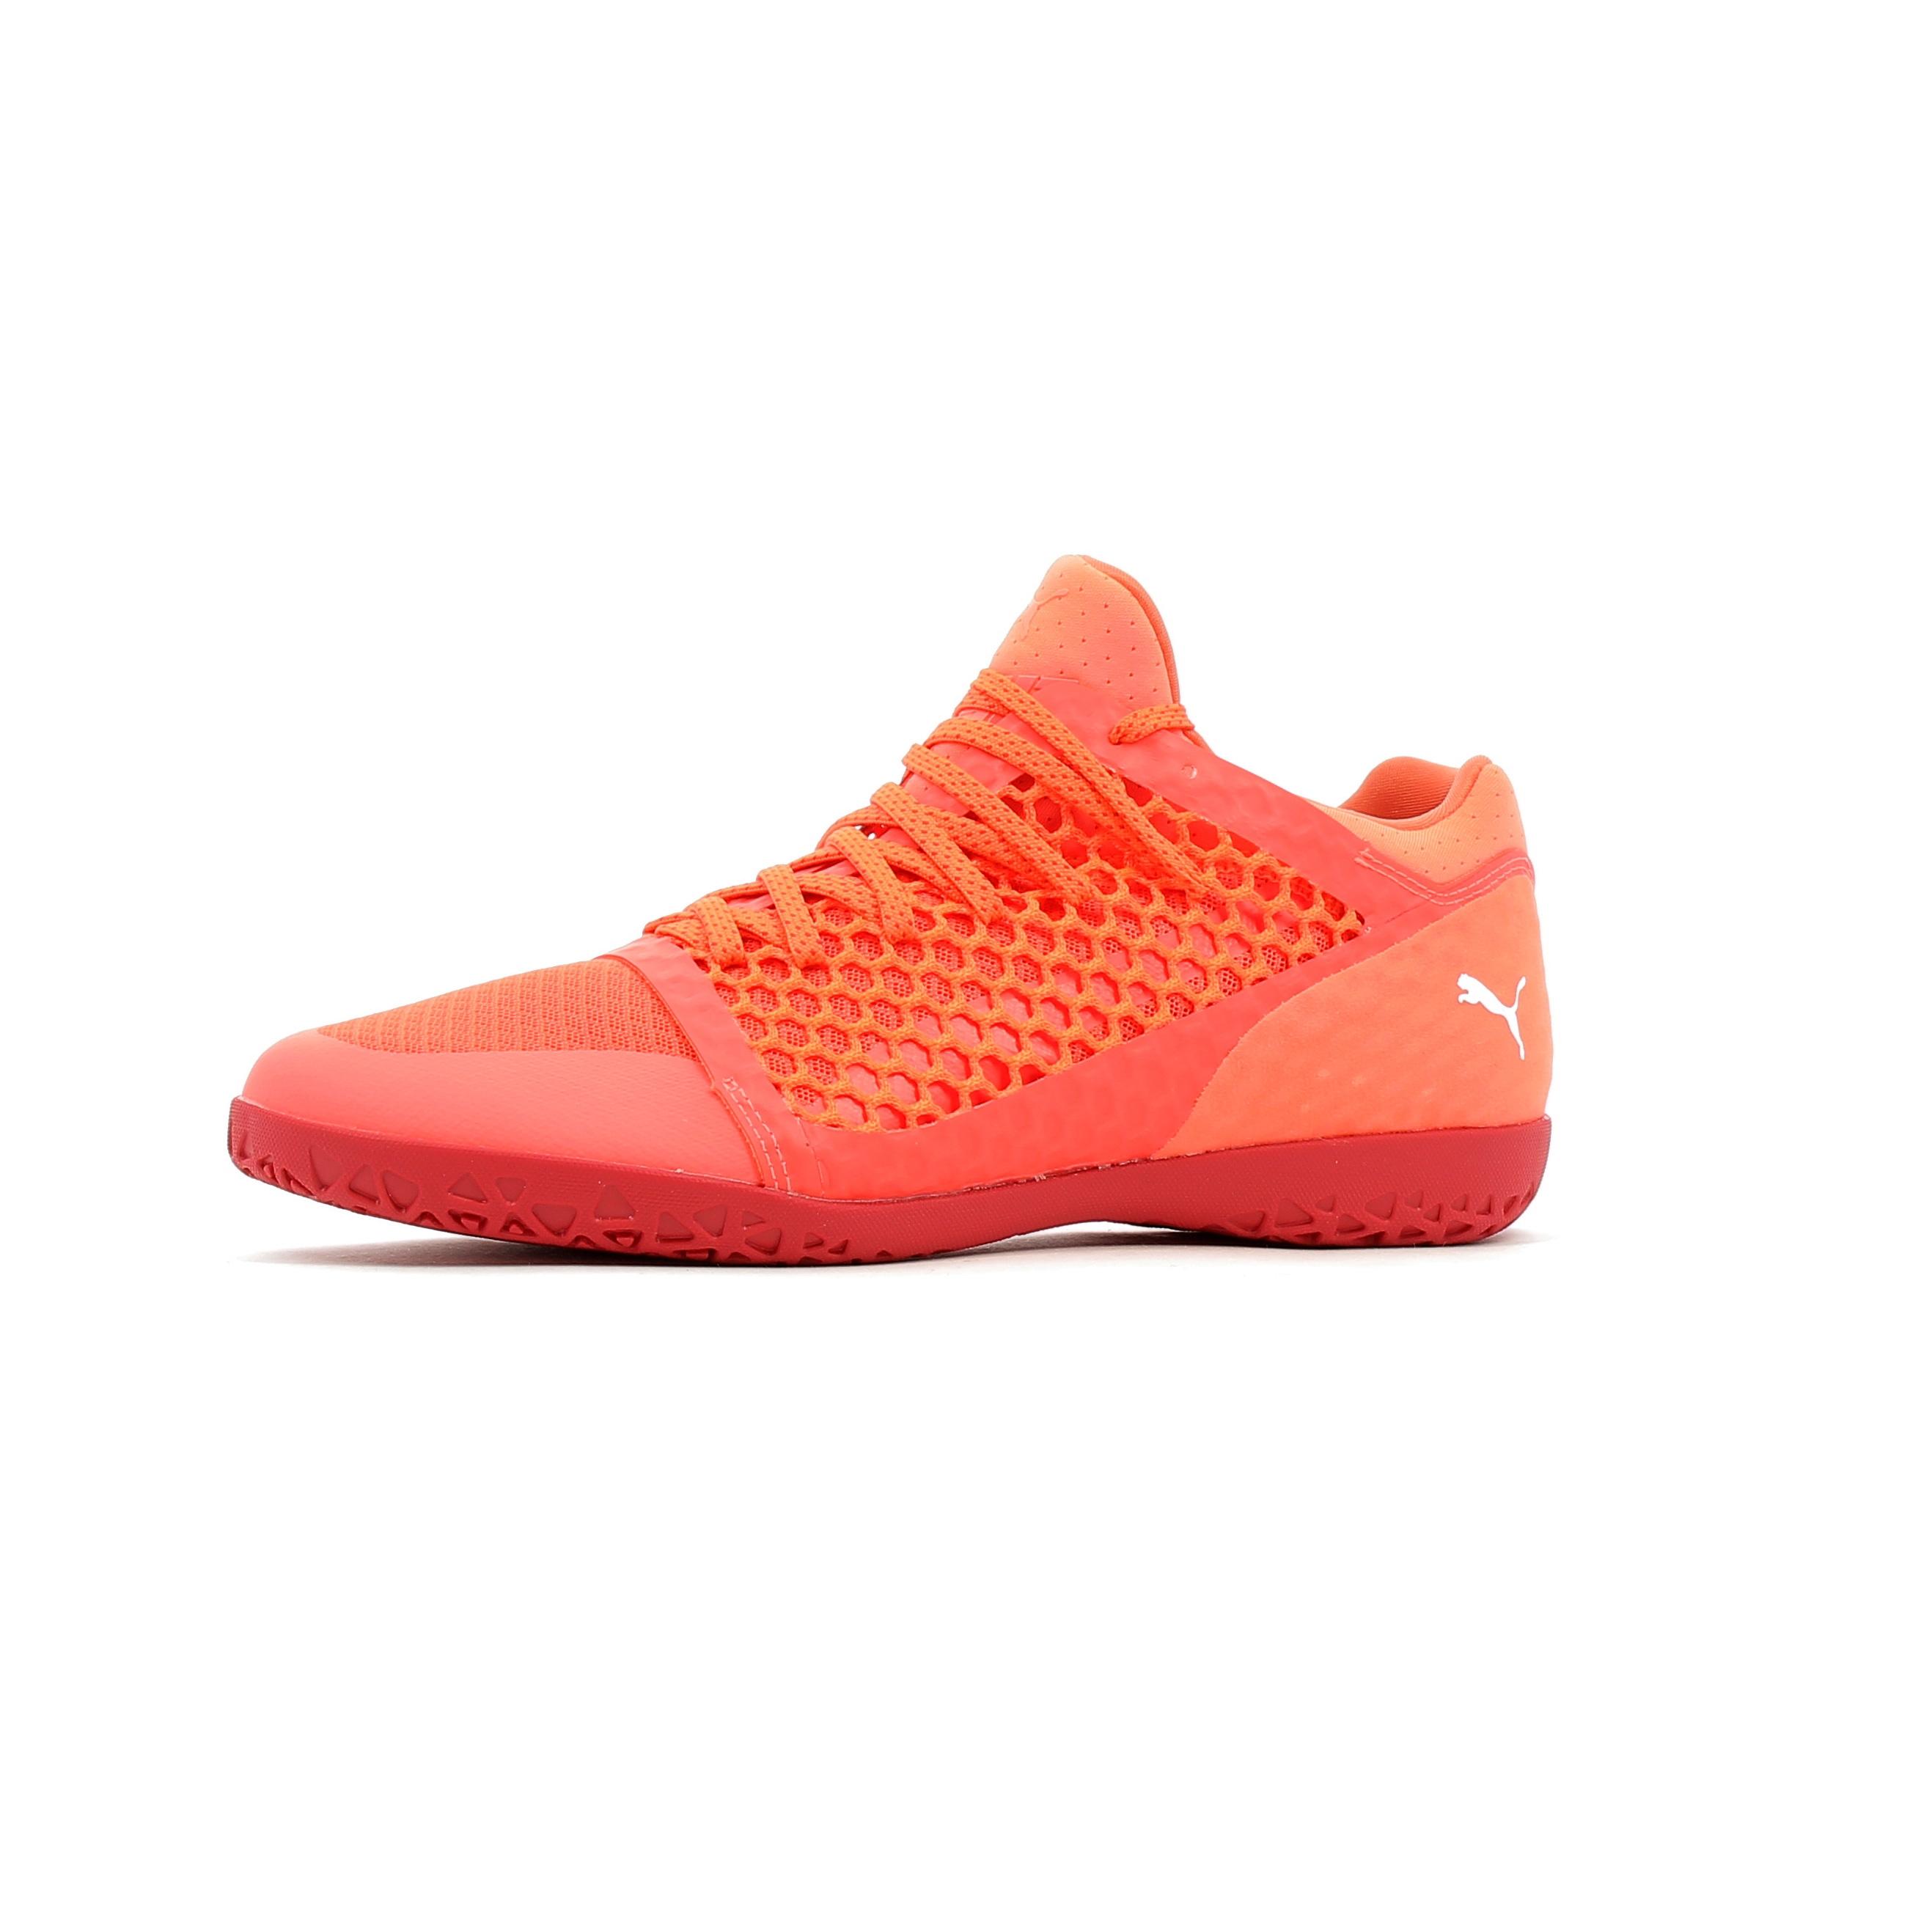 Chaussure futsal 365 Netfit CT